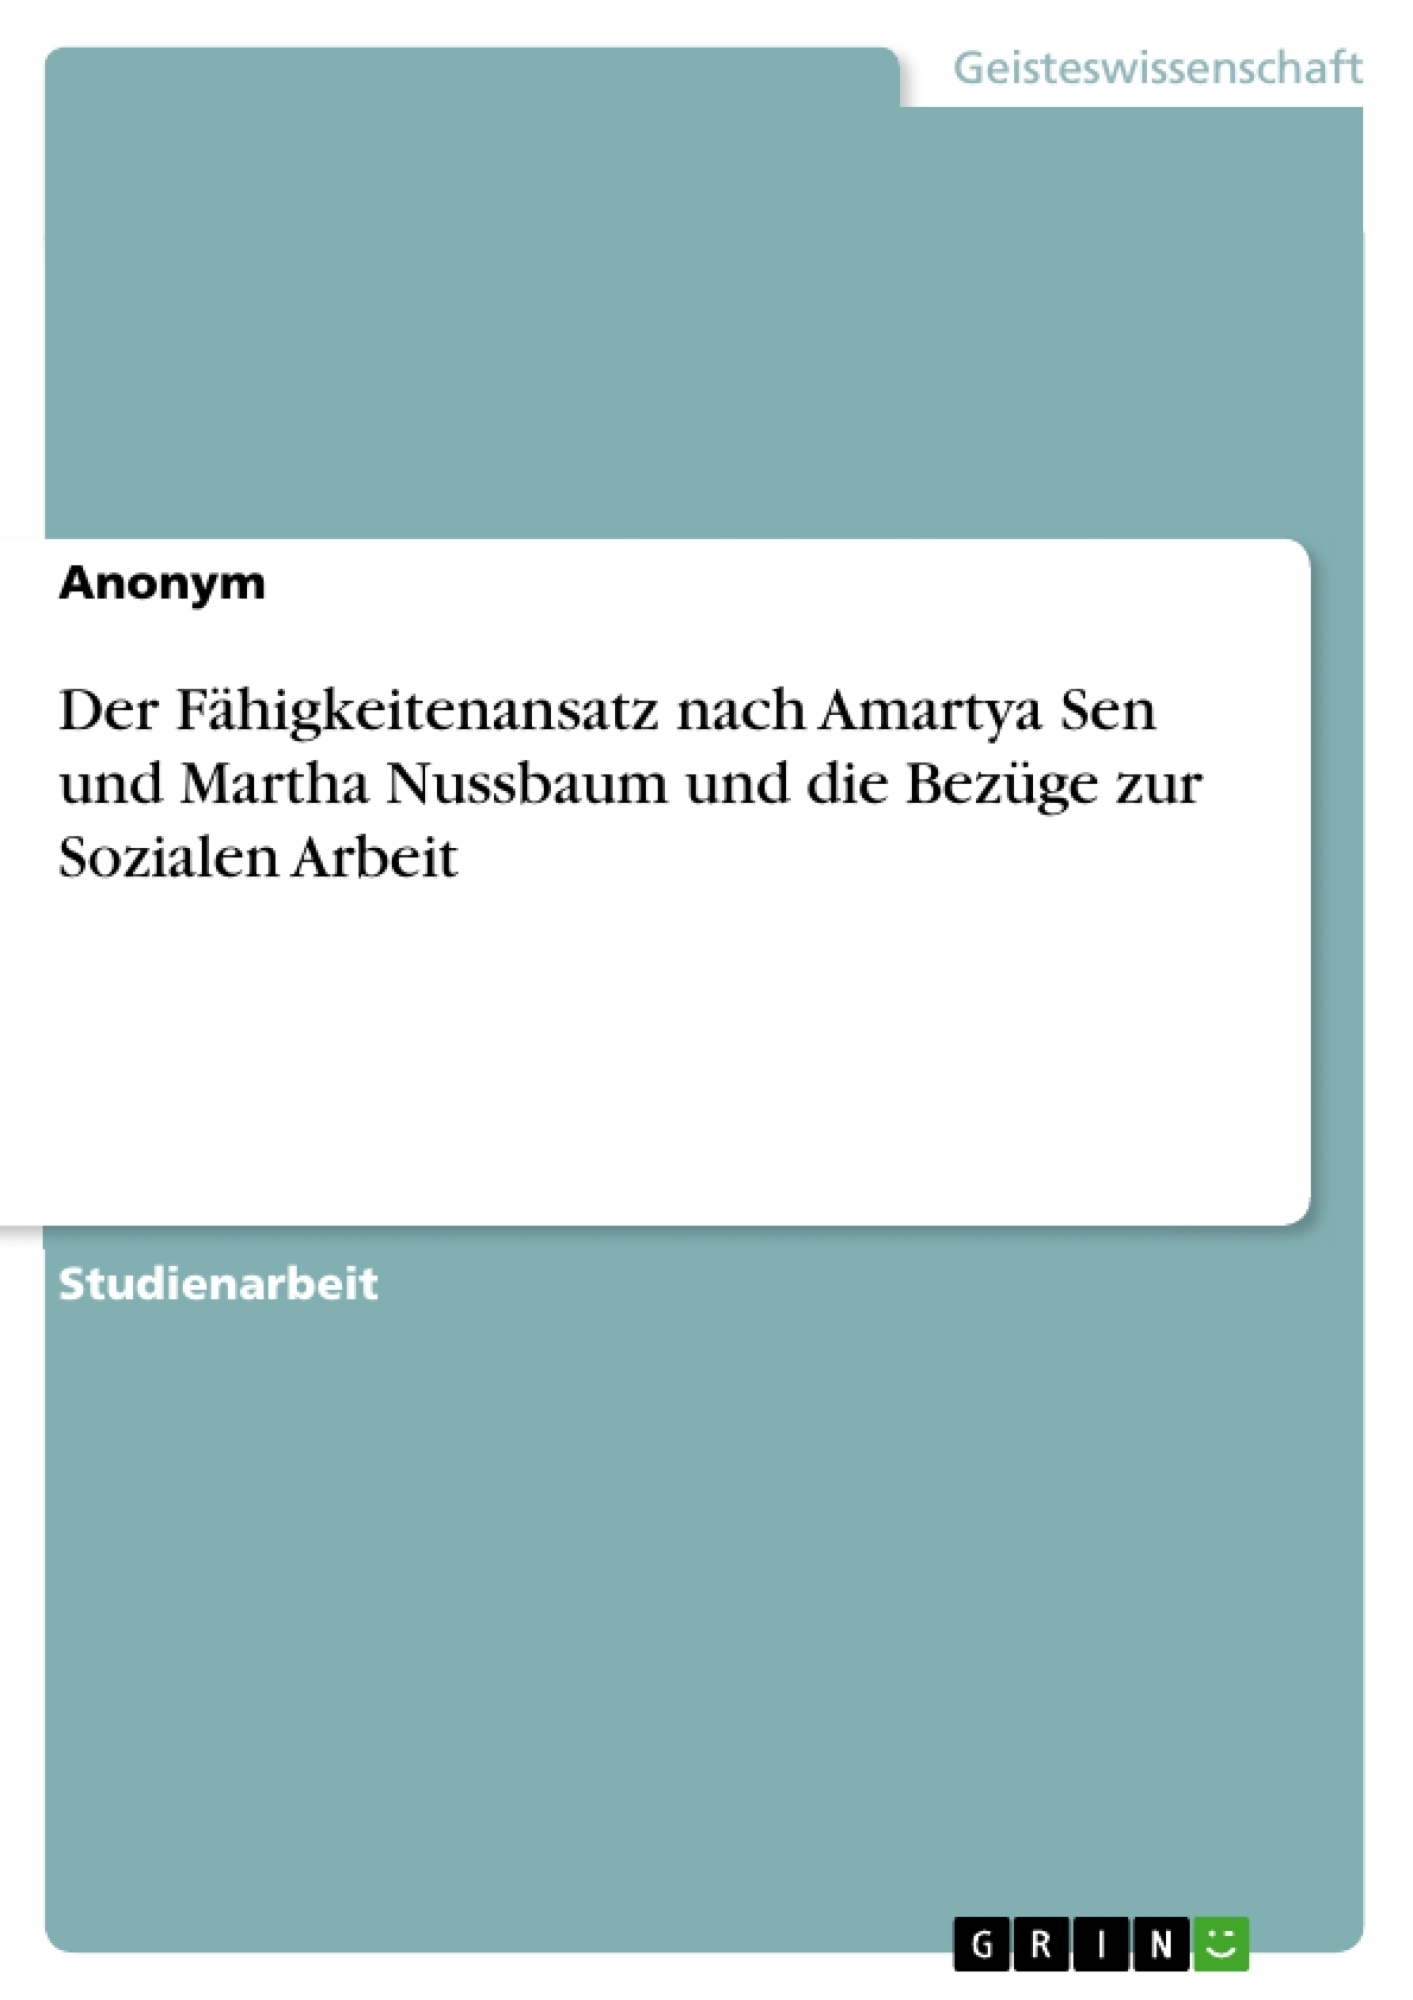 Titel: Der Fähigkeitenansatz nach Amartya Sen und Martha Nussbaum und die Bezüge zur Sozialen Arbeit